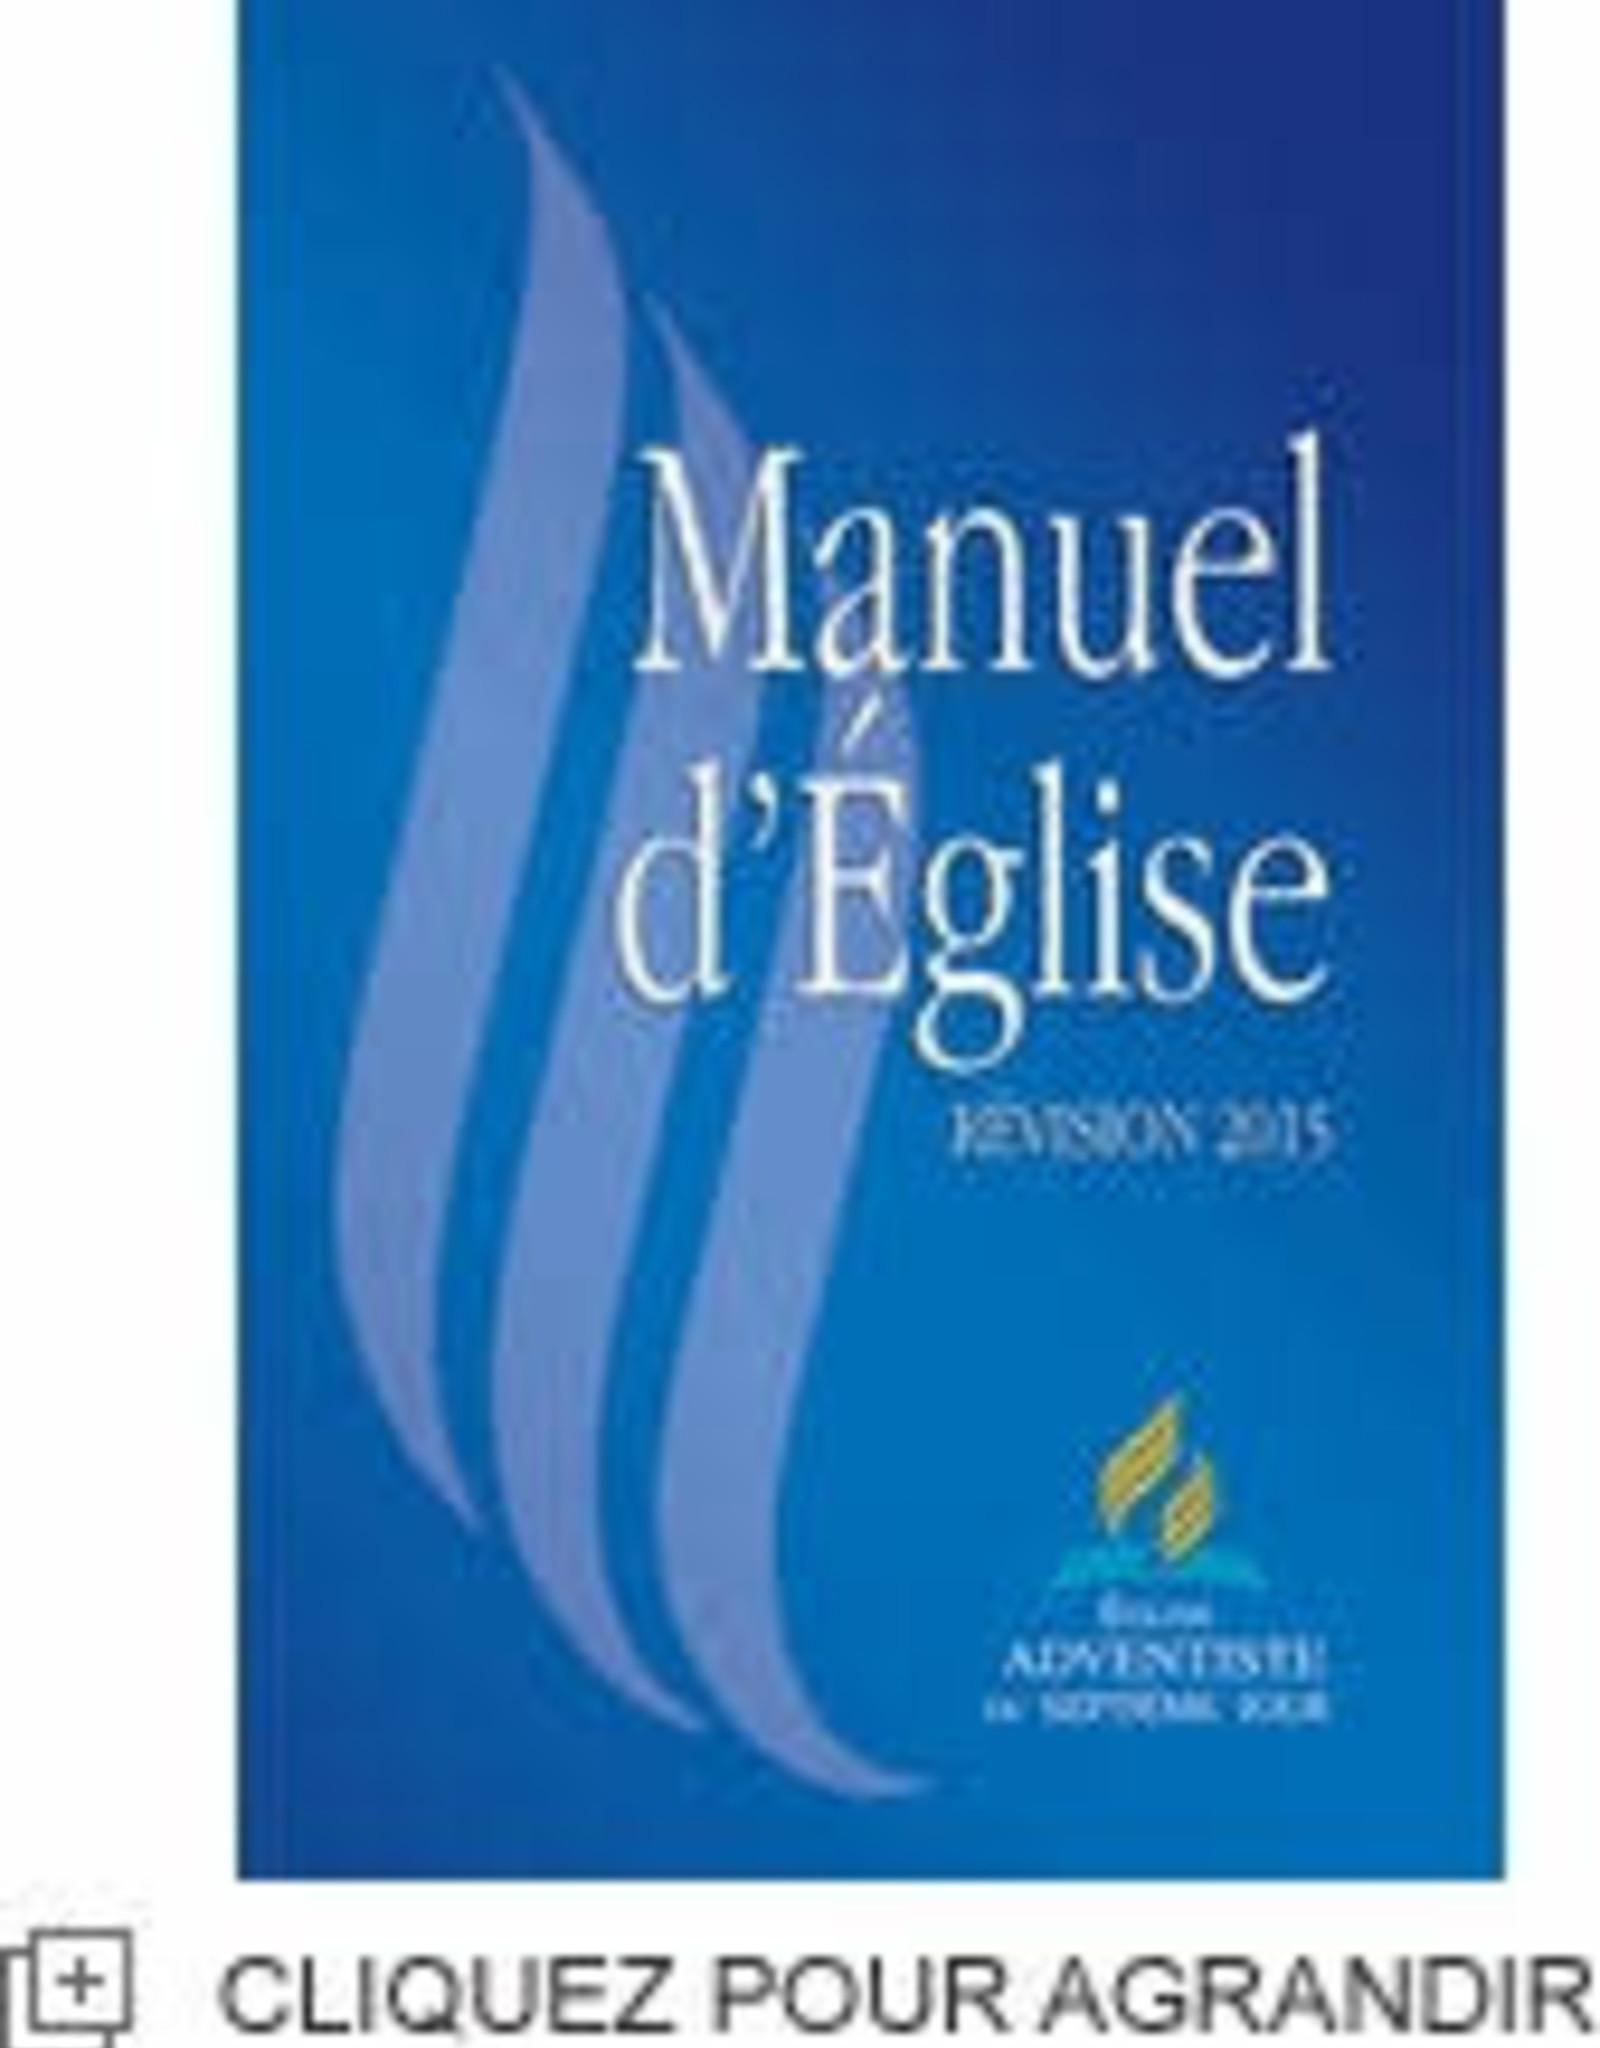 Église Adventiste du 7ème Jour Manuel d'Église Révision 2015 - Église Adventiste du 7ème Jour